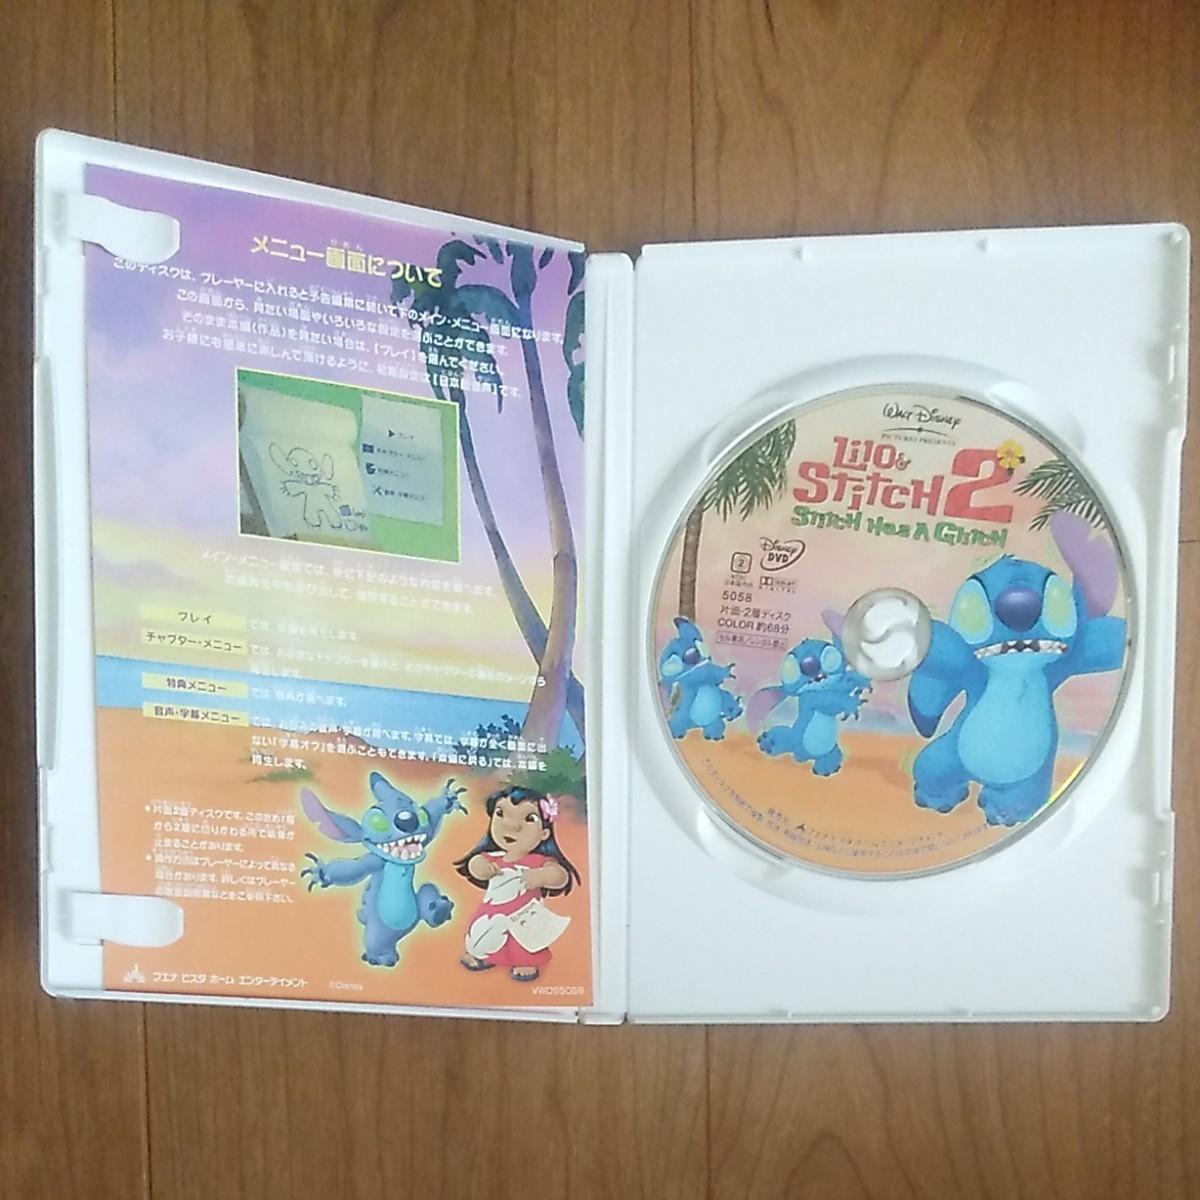 ディズニー DVD リロアンドスティッチ2